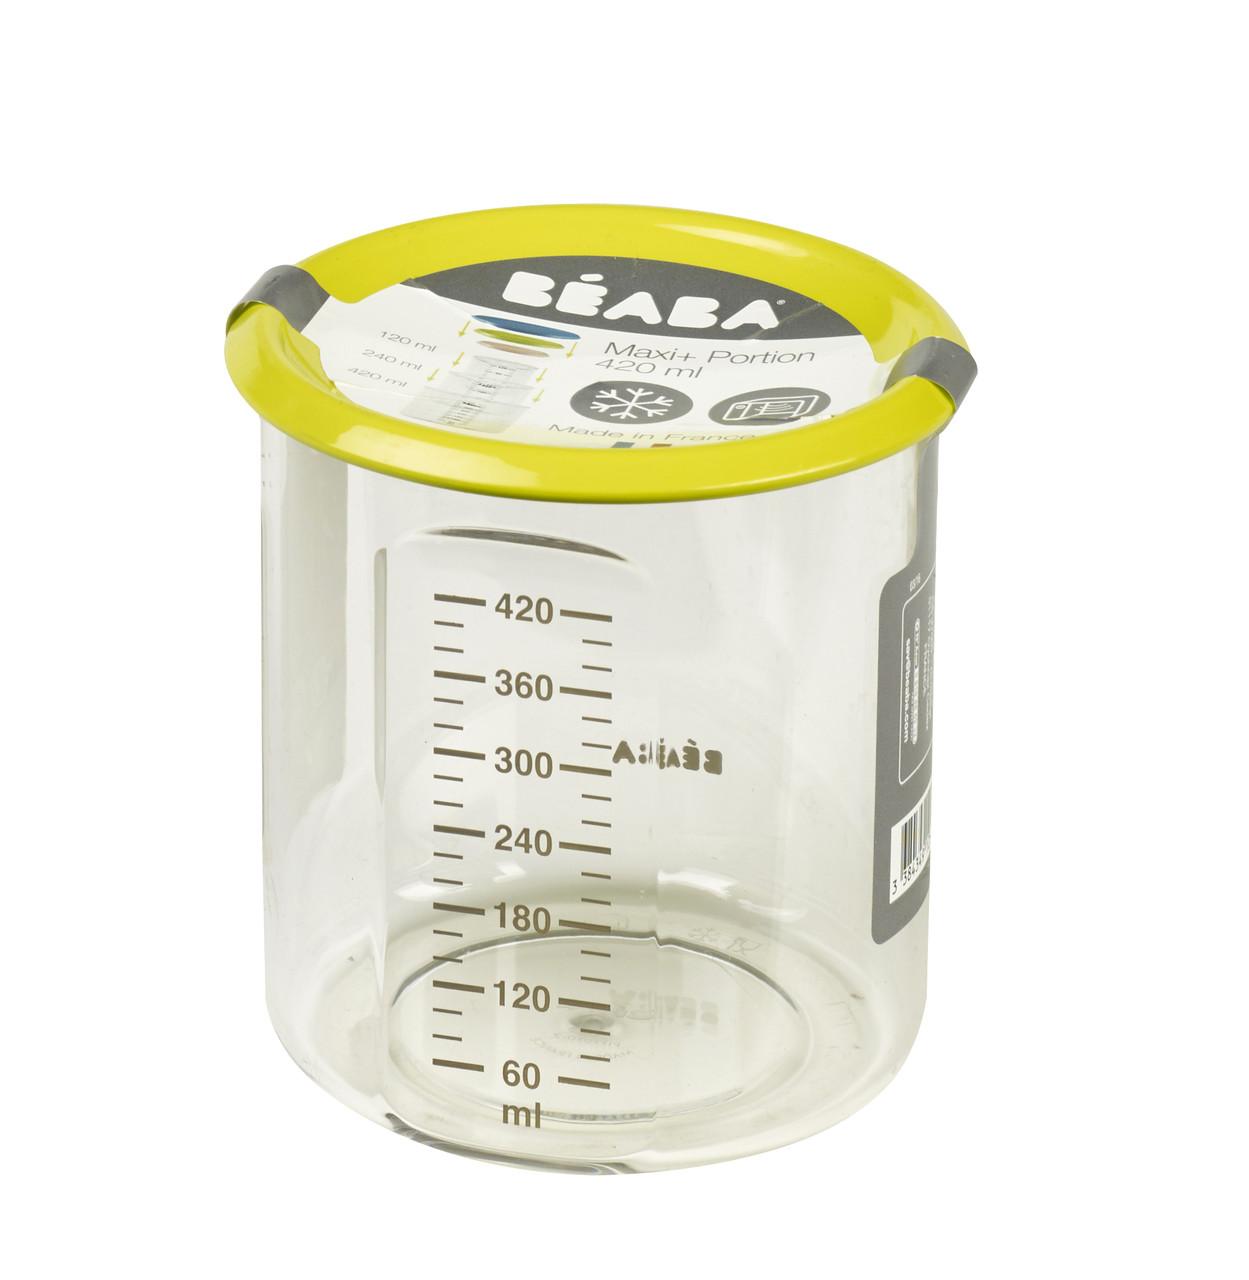 Контейнер для зберігання Beaba 420 мл neon, арт. 912542